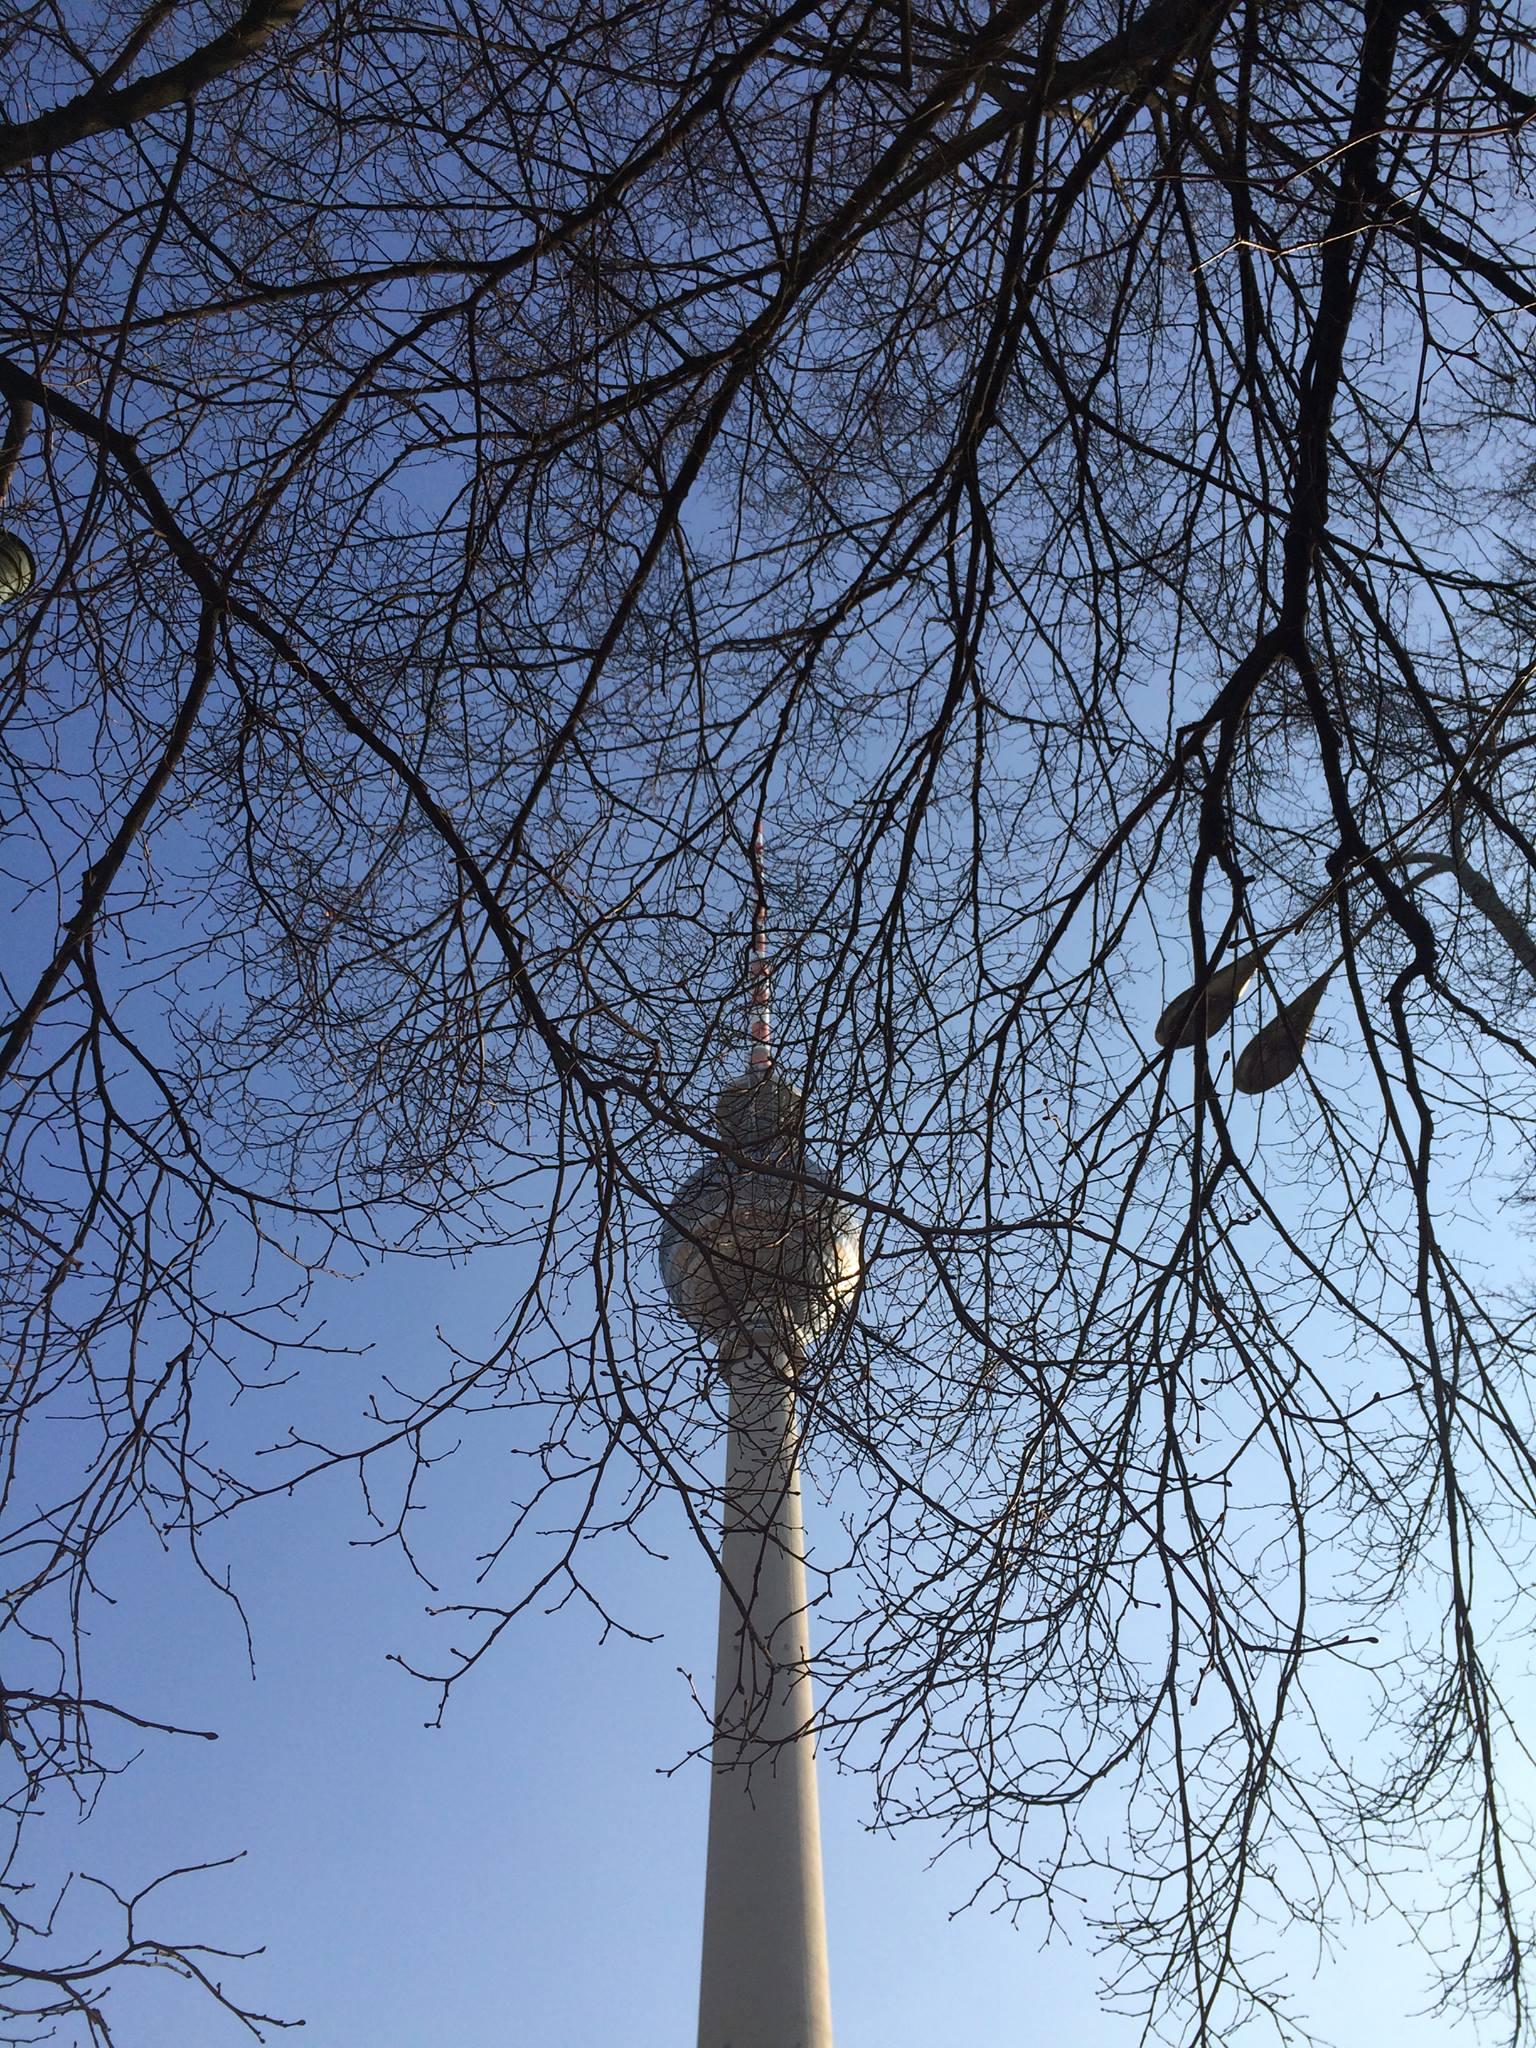 Winter in Alexanderplatz by Fernanda Dias